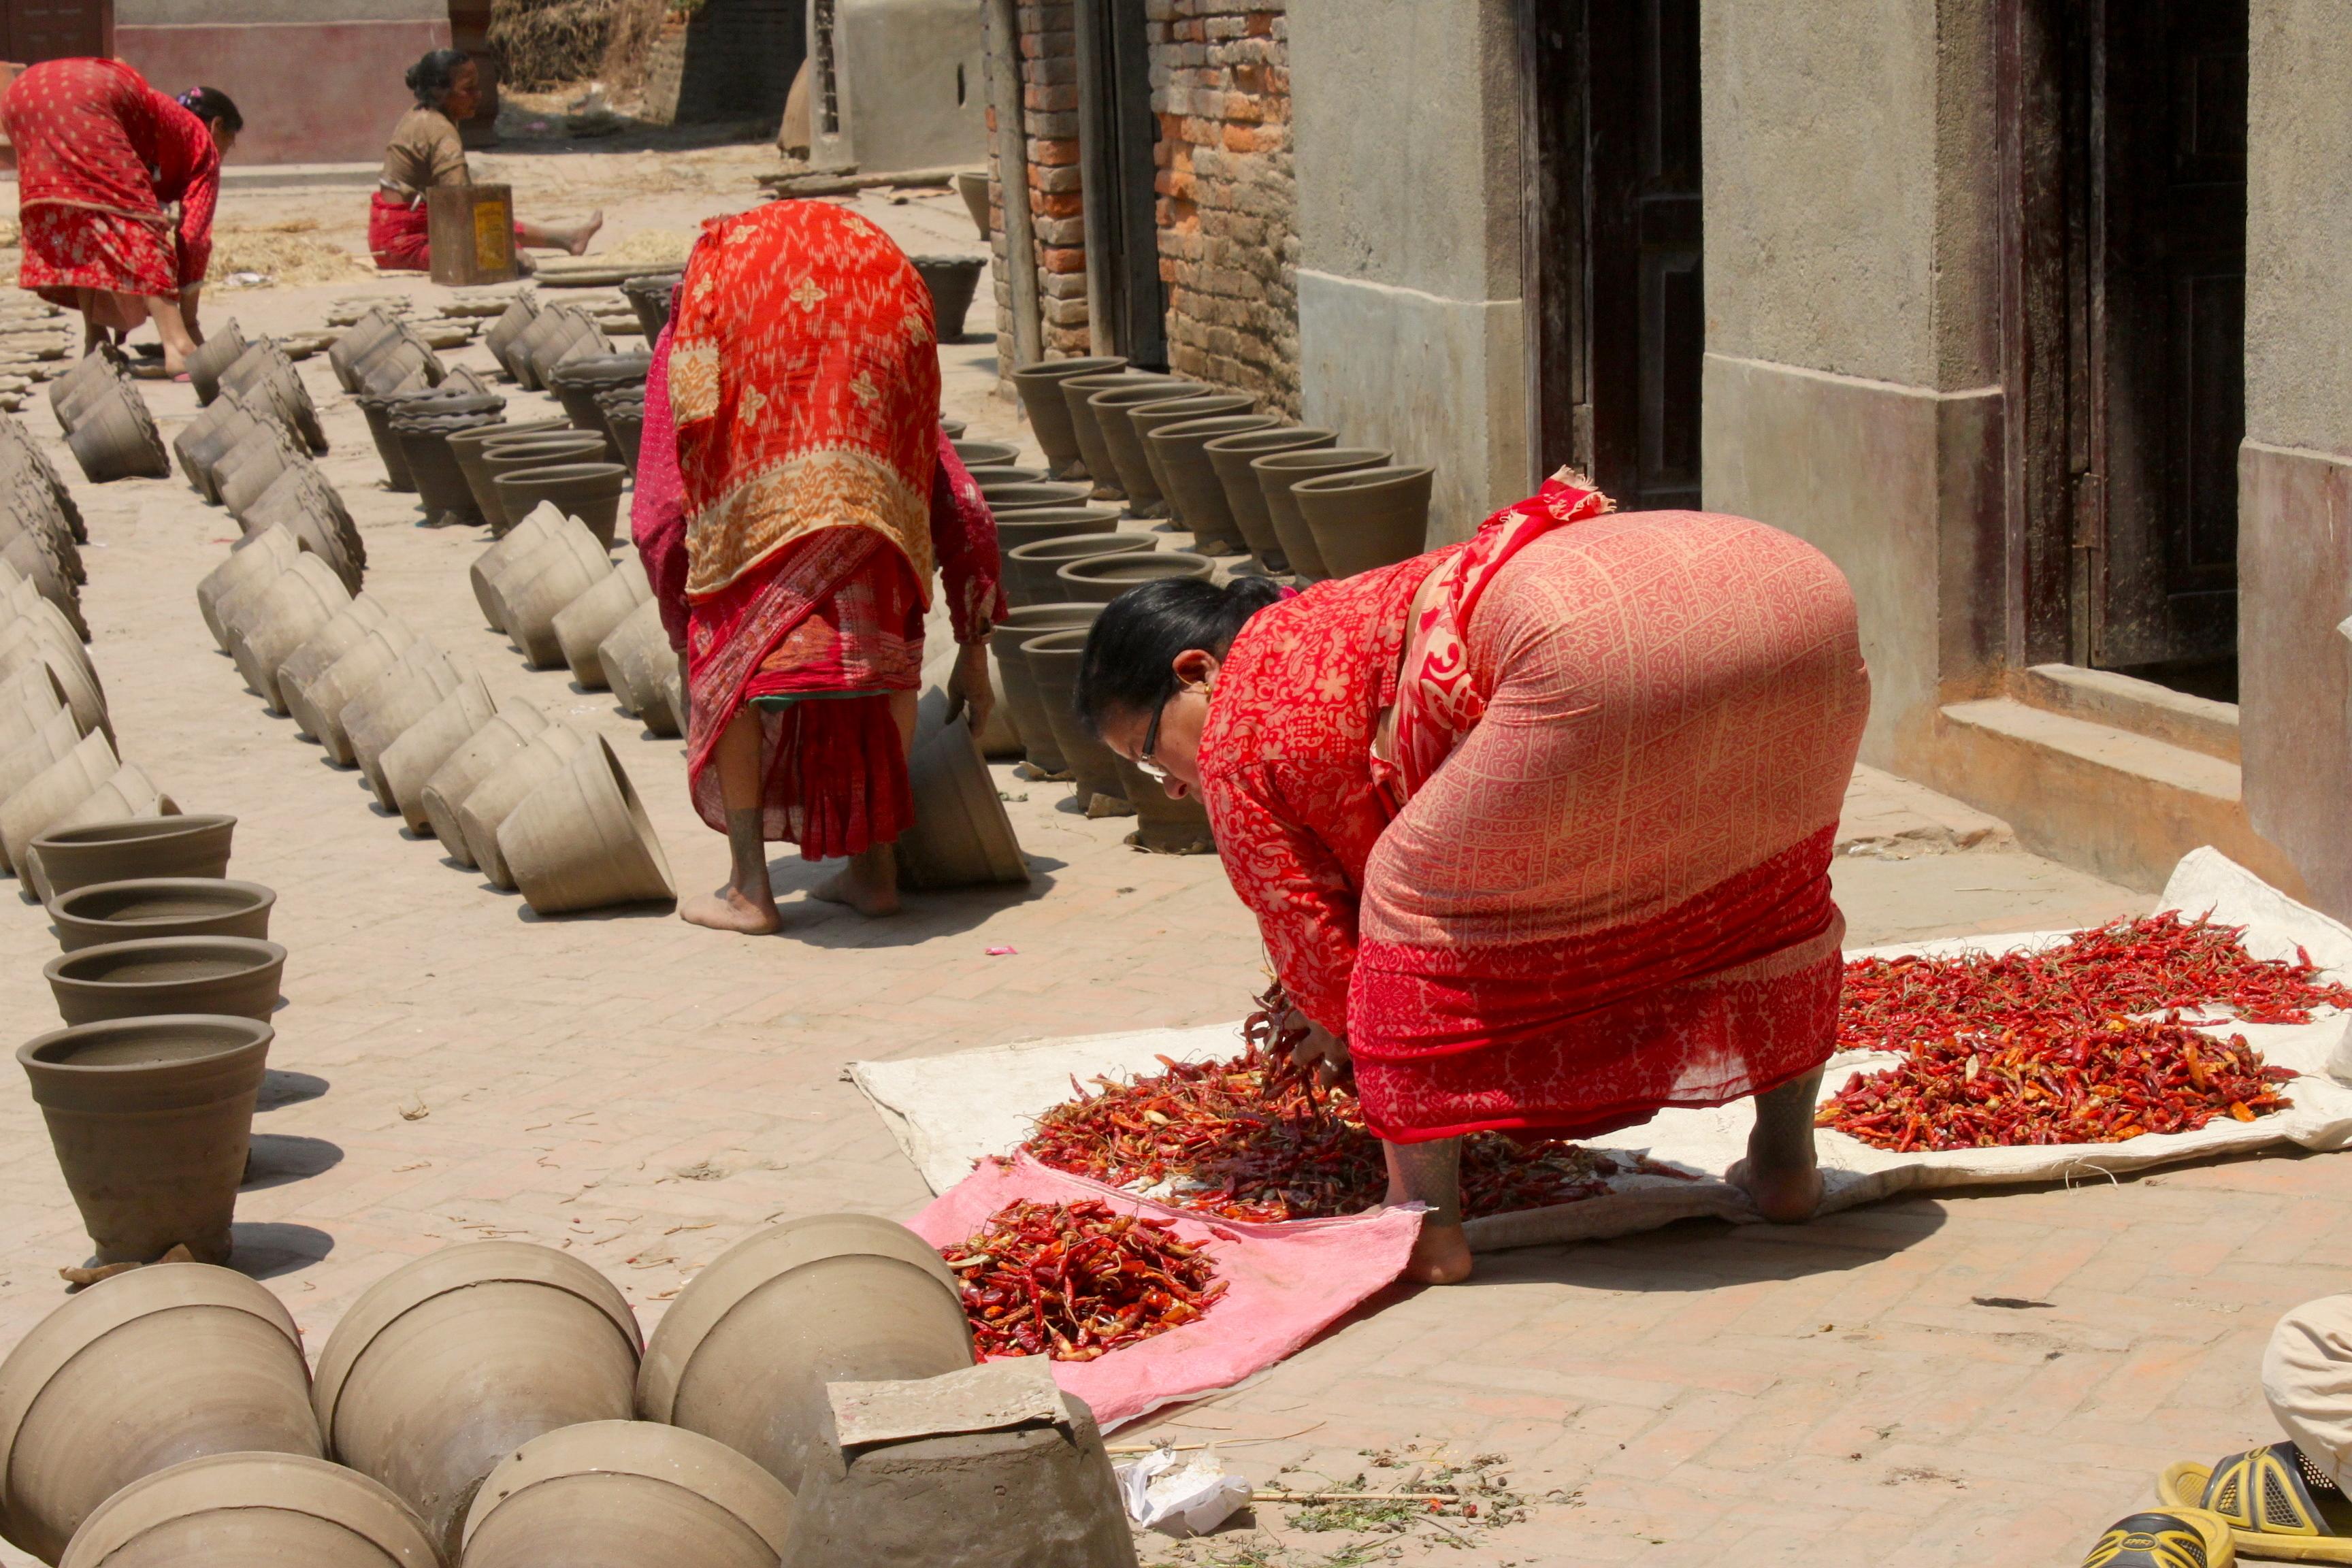 Donne che lavorano, sempre loro, chine tutto il giorno sotto al sole, sempre colorate